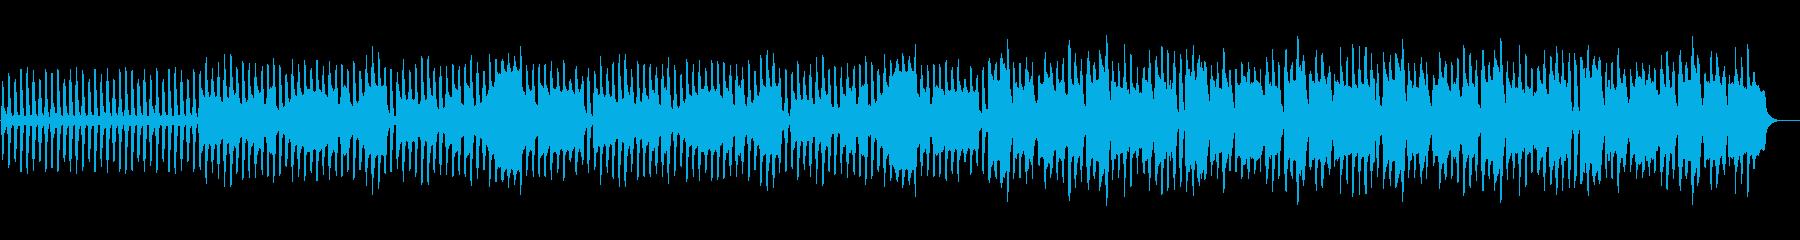 ほのぼのこぢんまりしたクラリネットメインの再生済みの波形